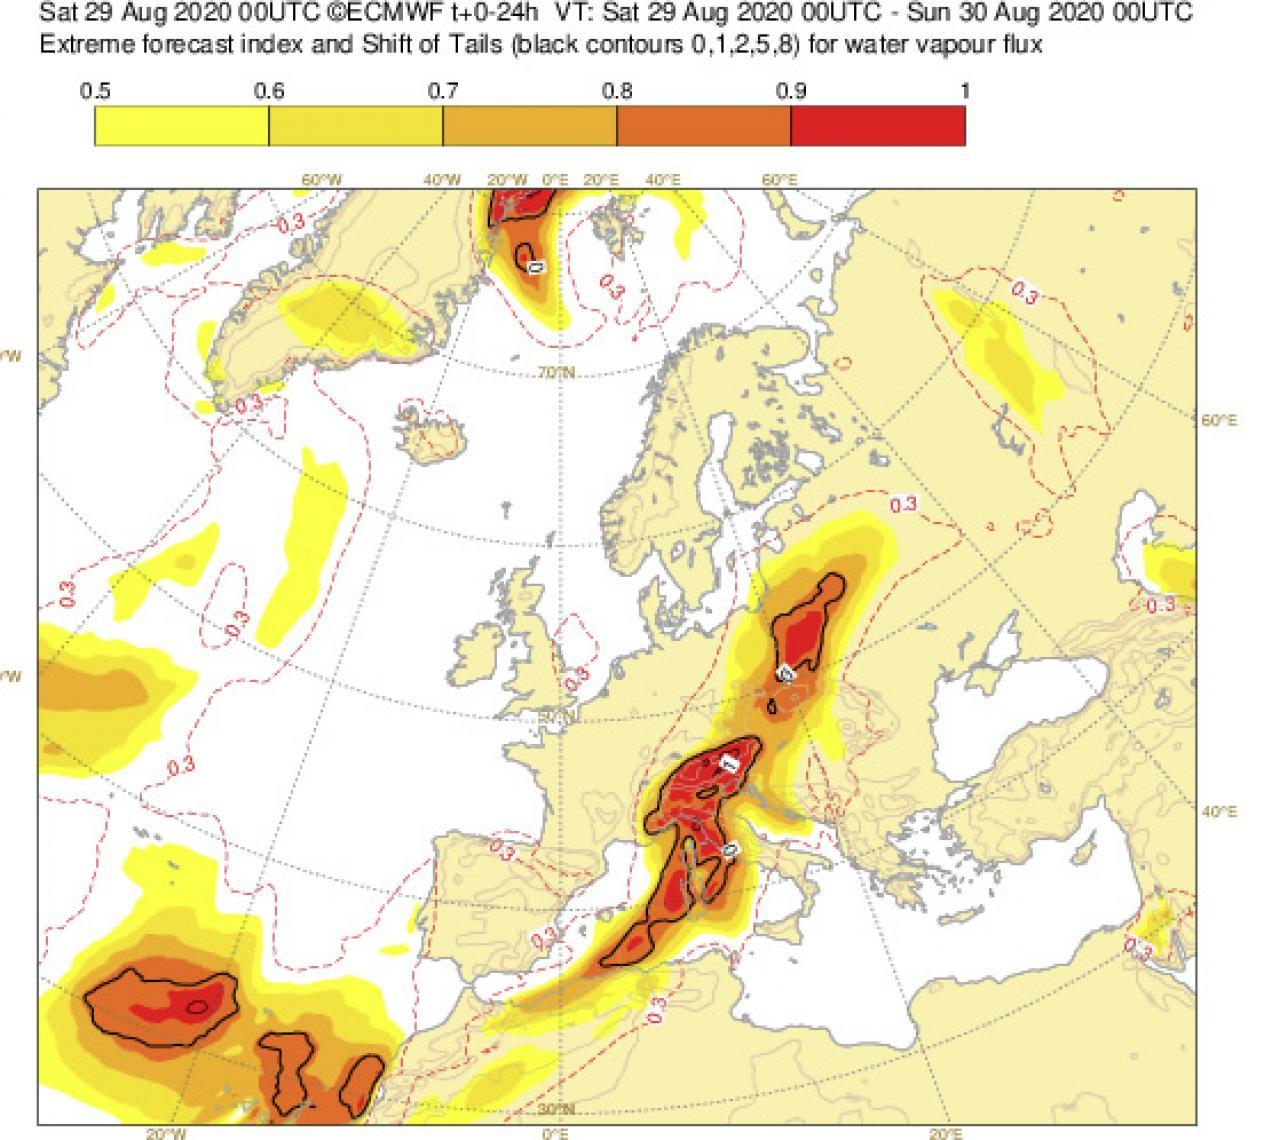 EFI water vapour flux by Ecmwf